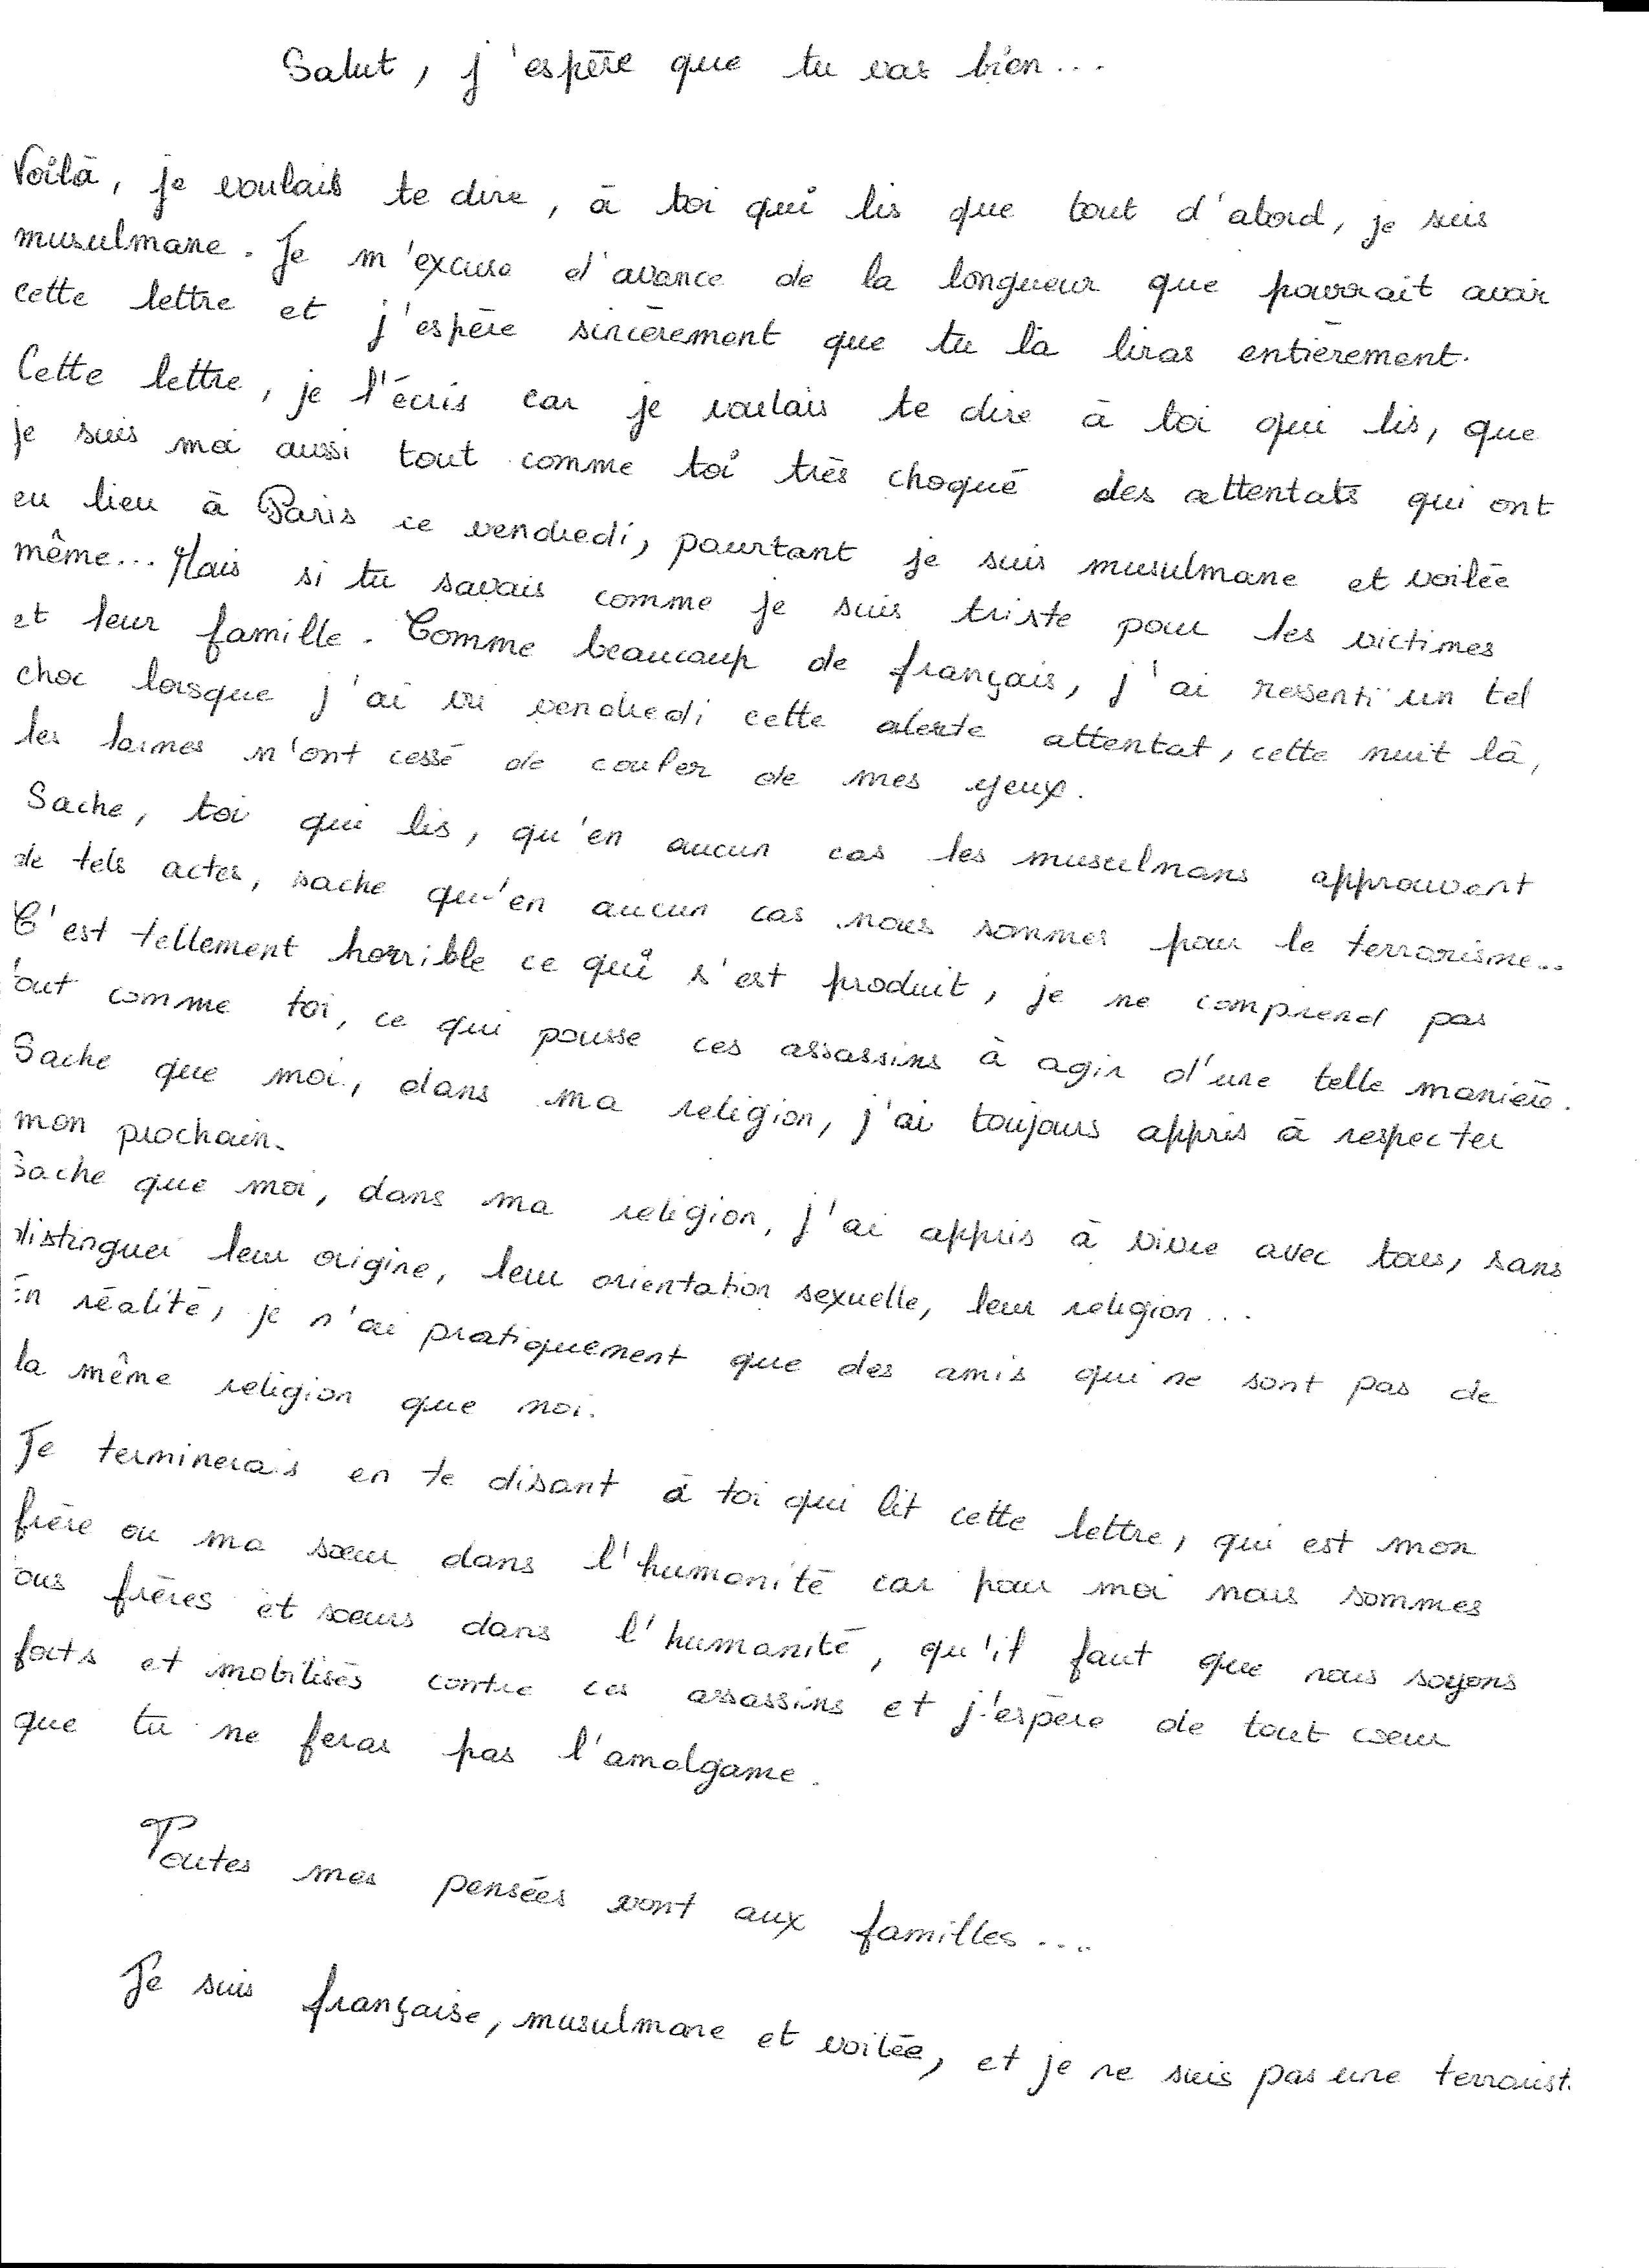 Lettre Ouverte de la part d'une anonyme